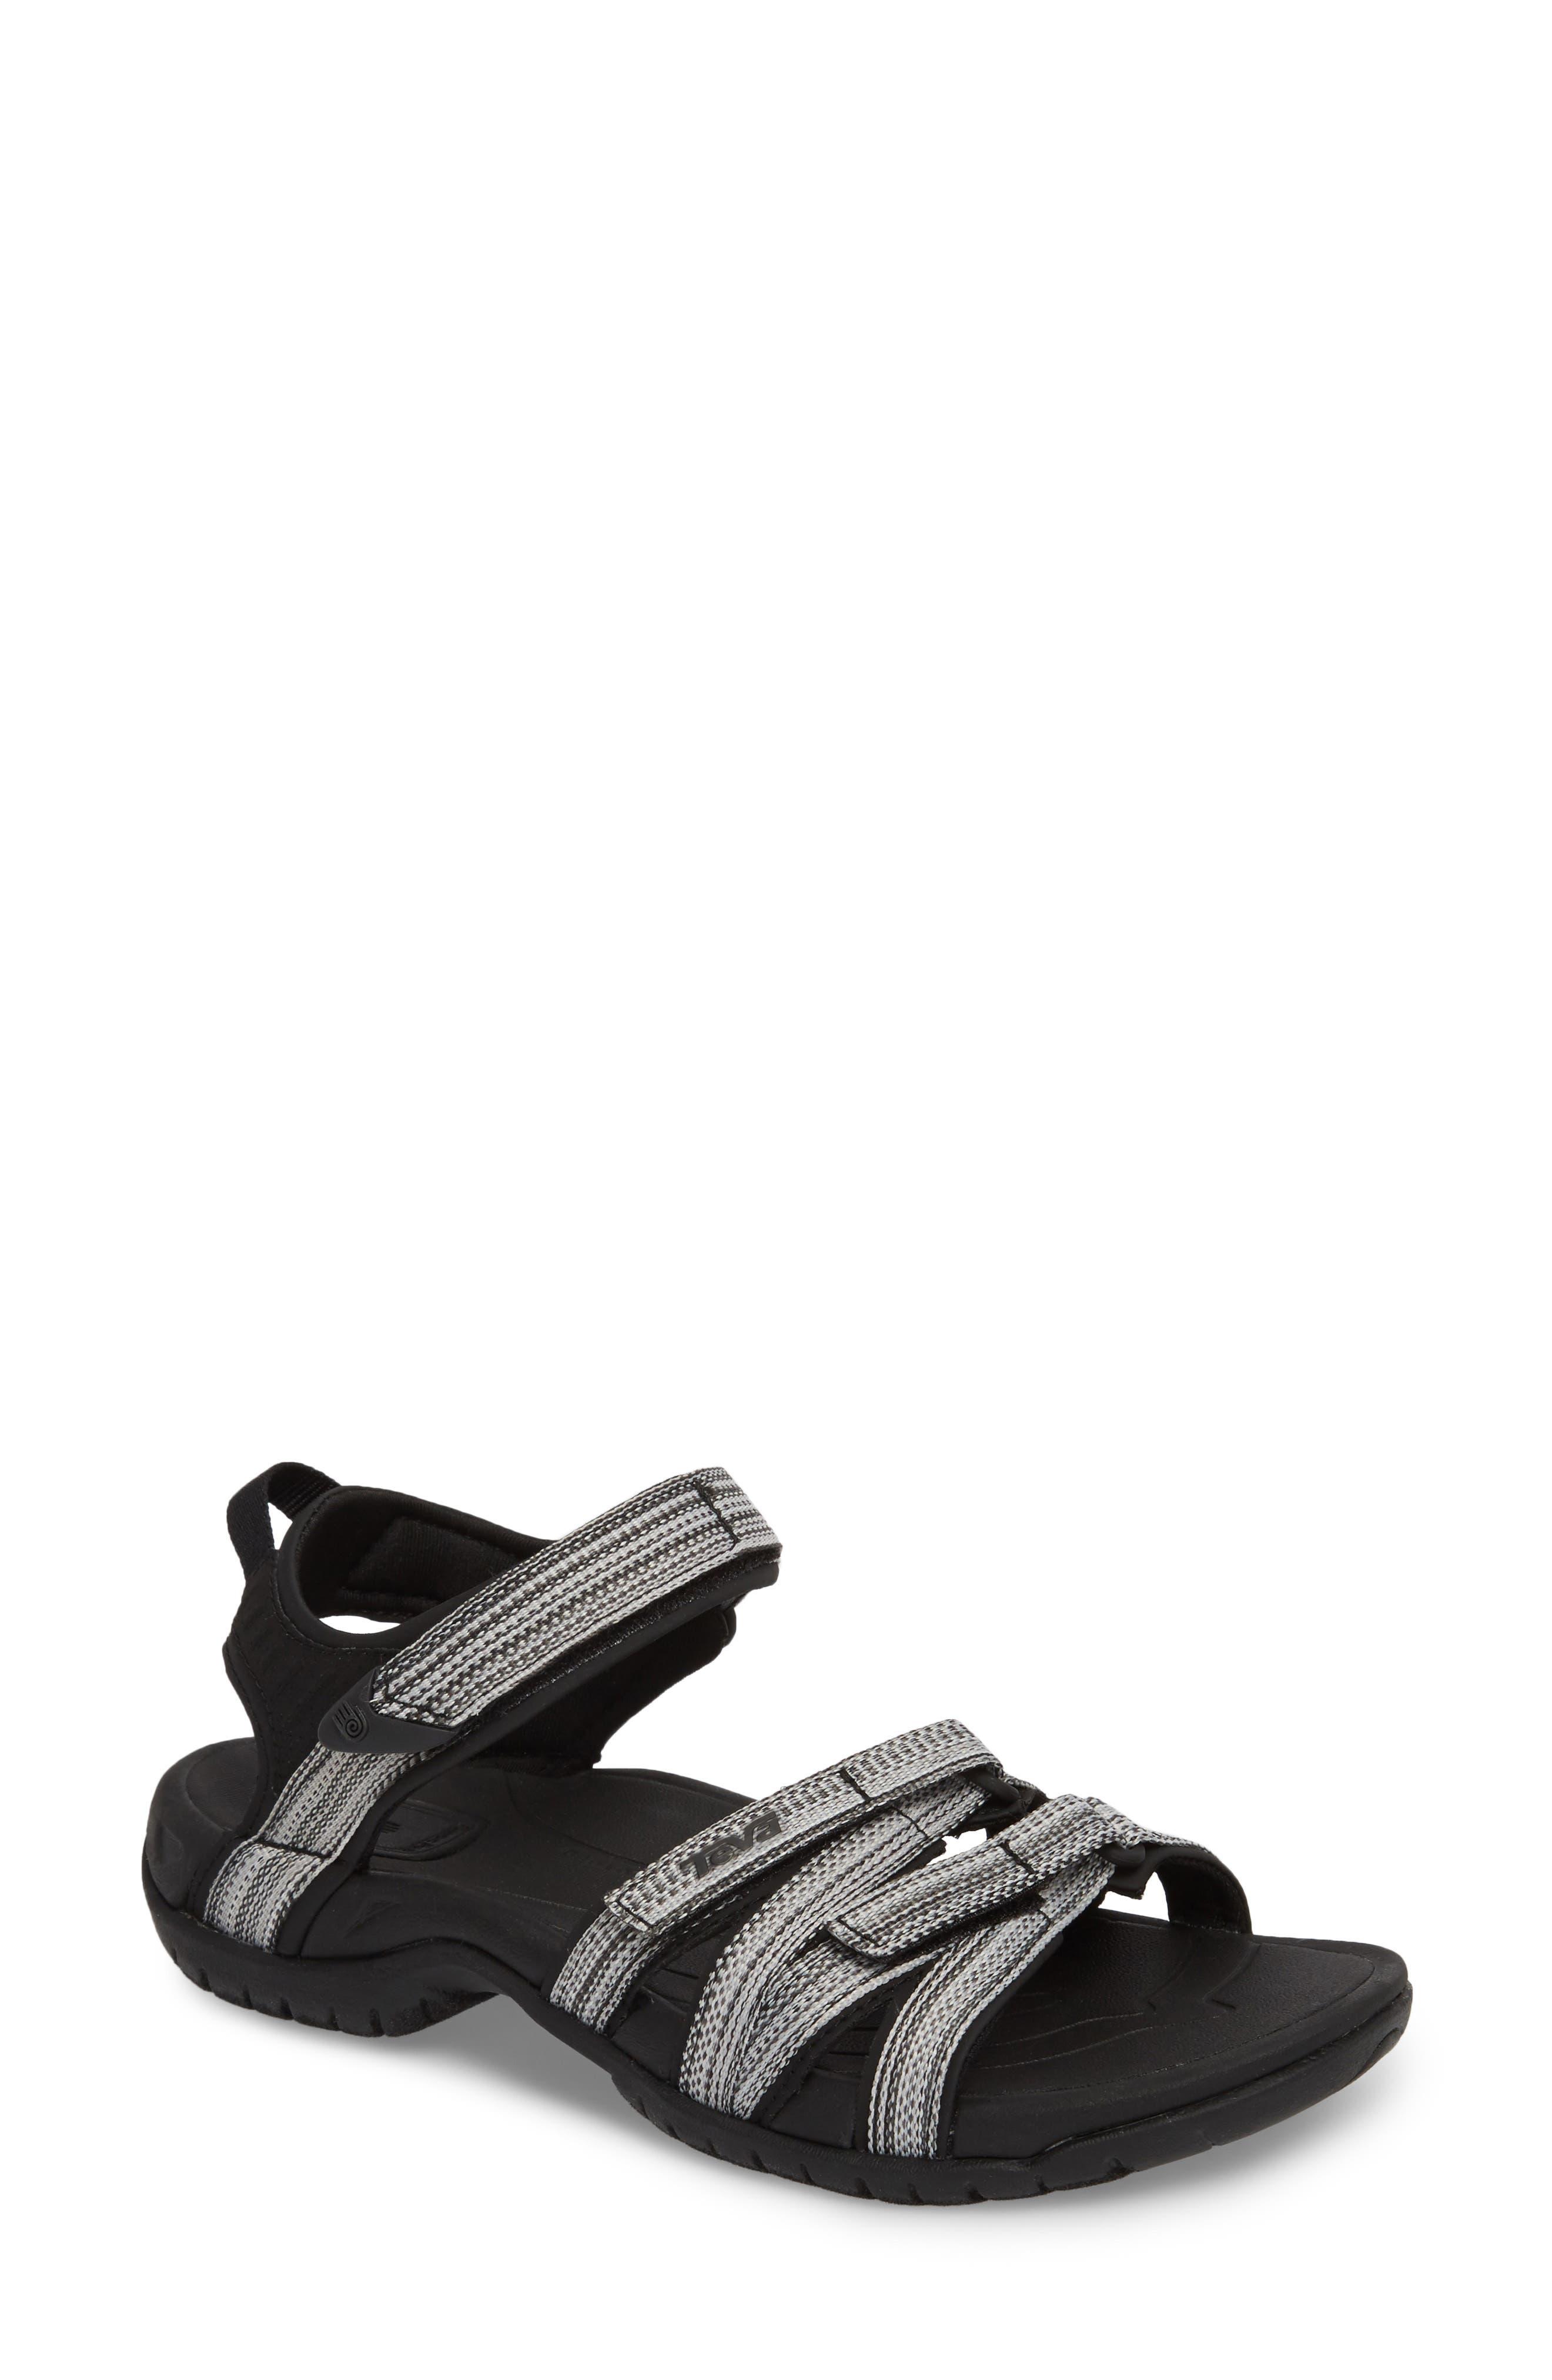 'Tirra' Sandal,                             Main thumbnail 1, color,                             Black/ White Multi Fabric